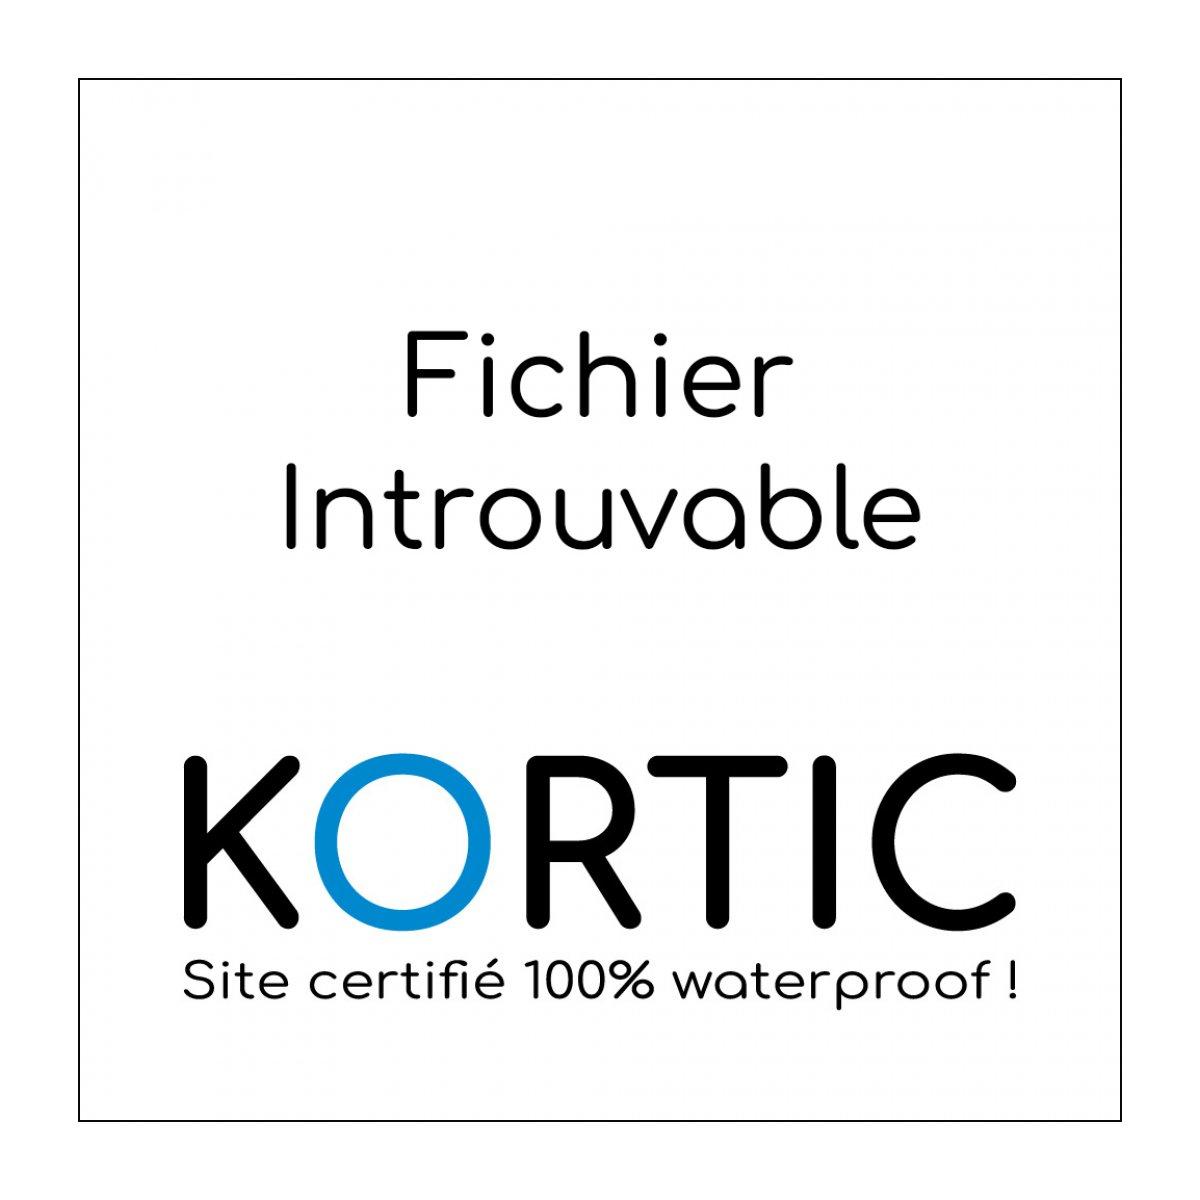 Portrait de deux femmes h'mongs avec des coiffes traditionnelles